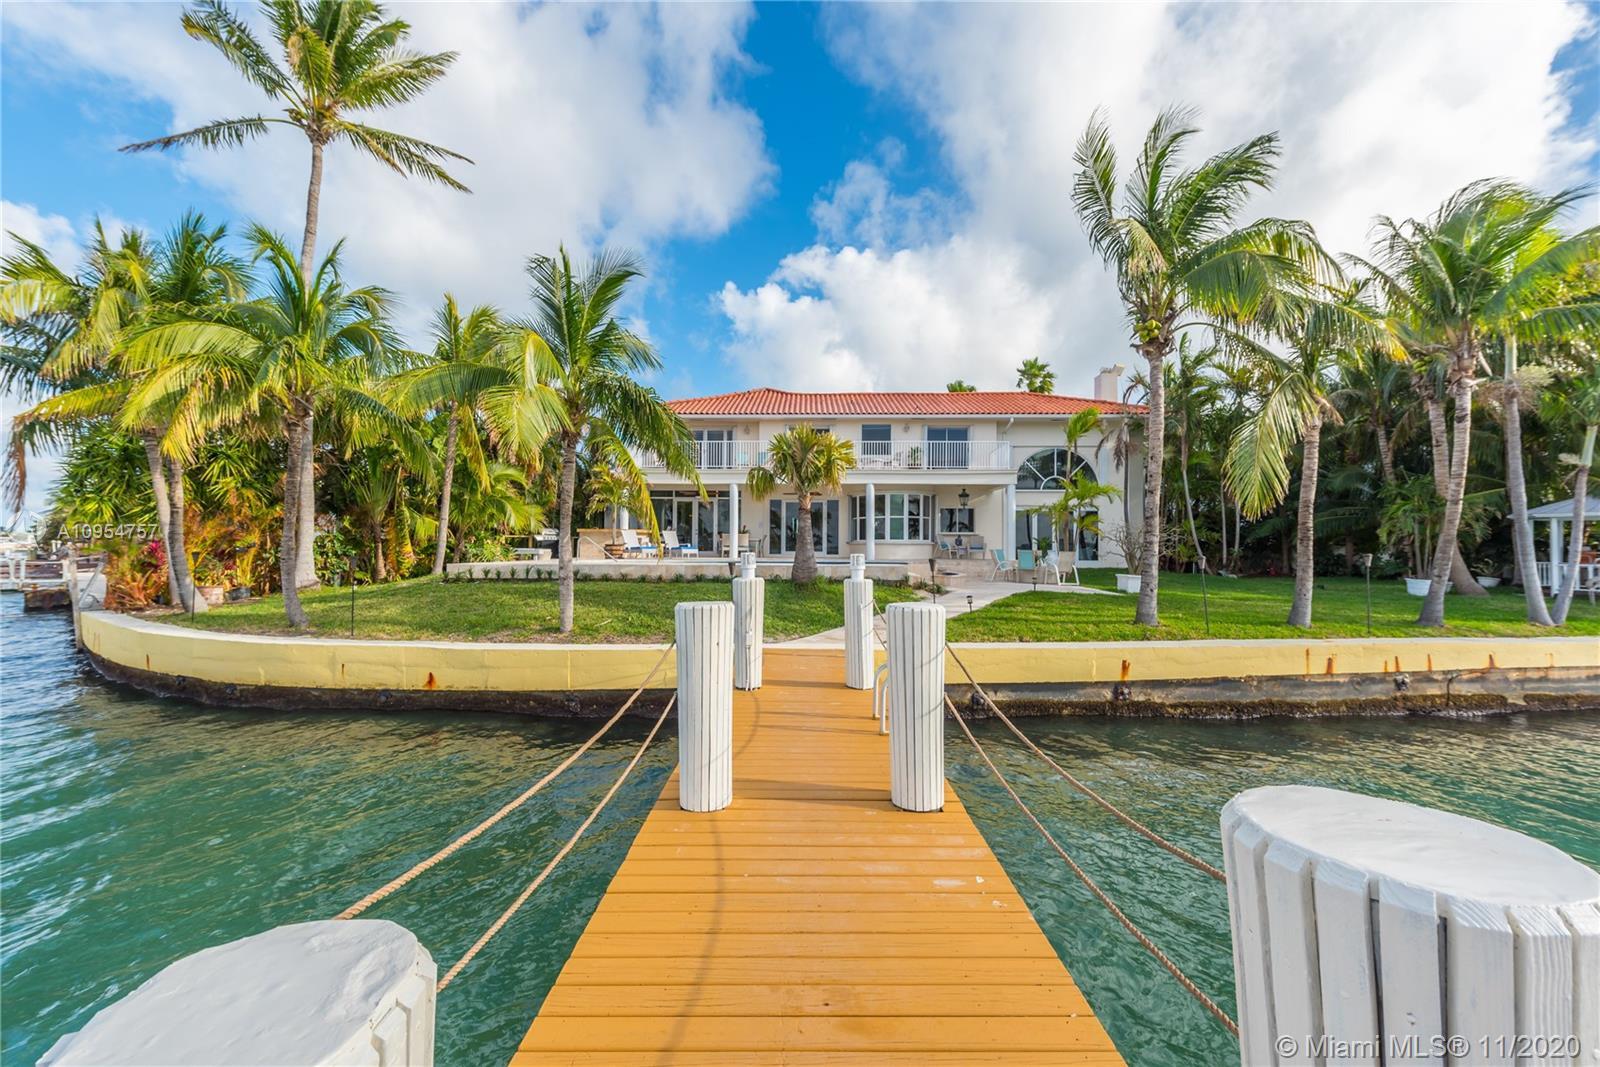 1575 Stillwater Dr Luxury Real Estate